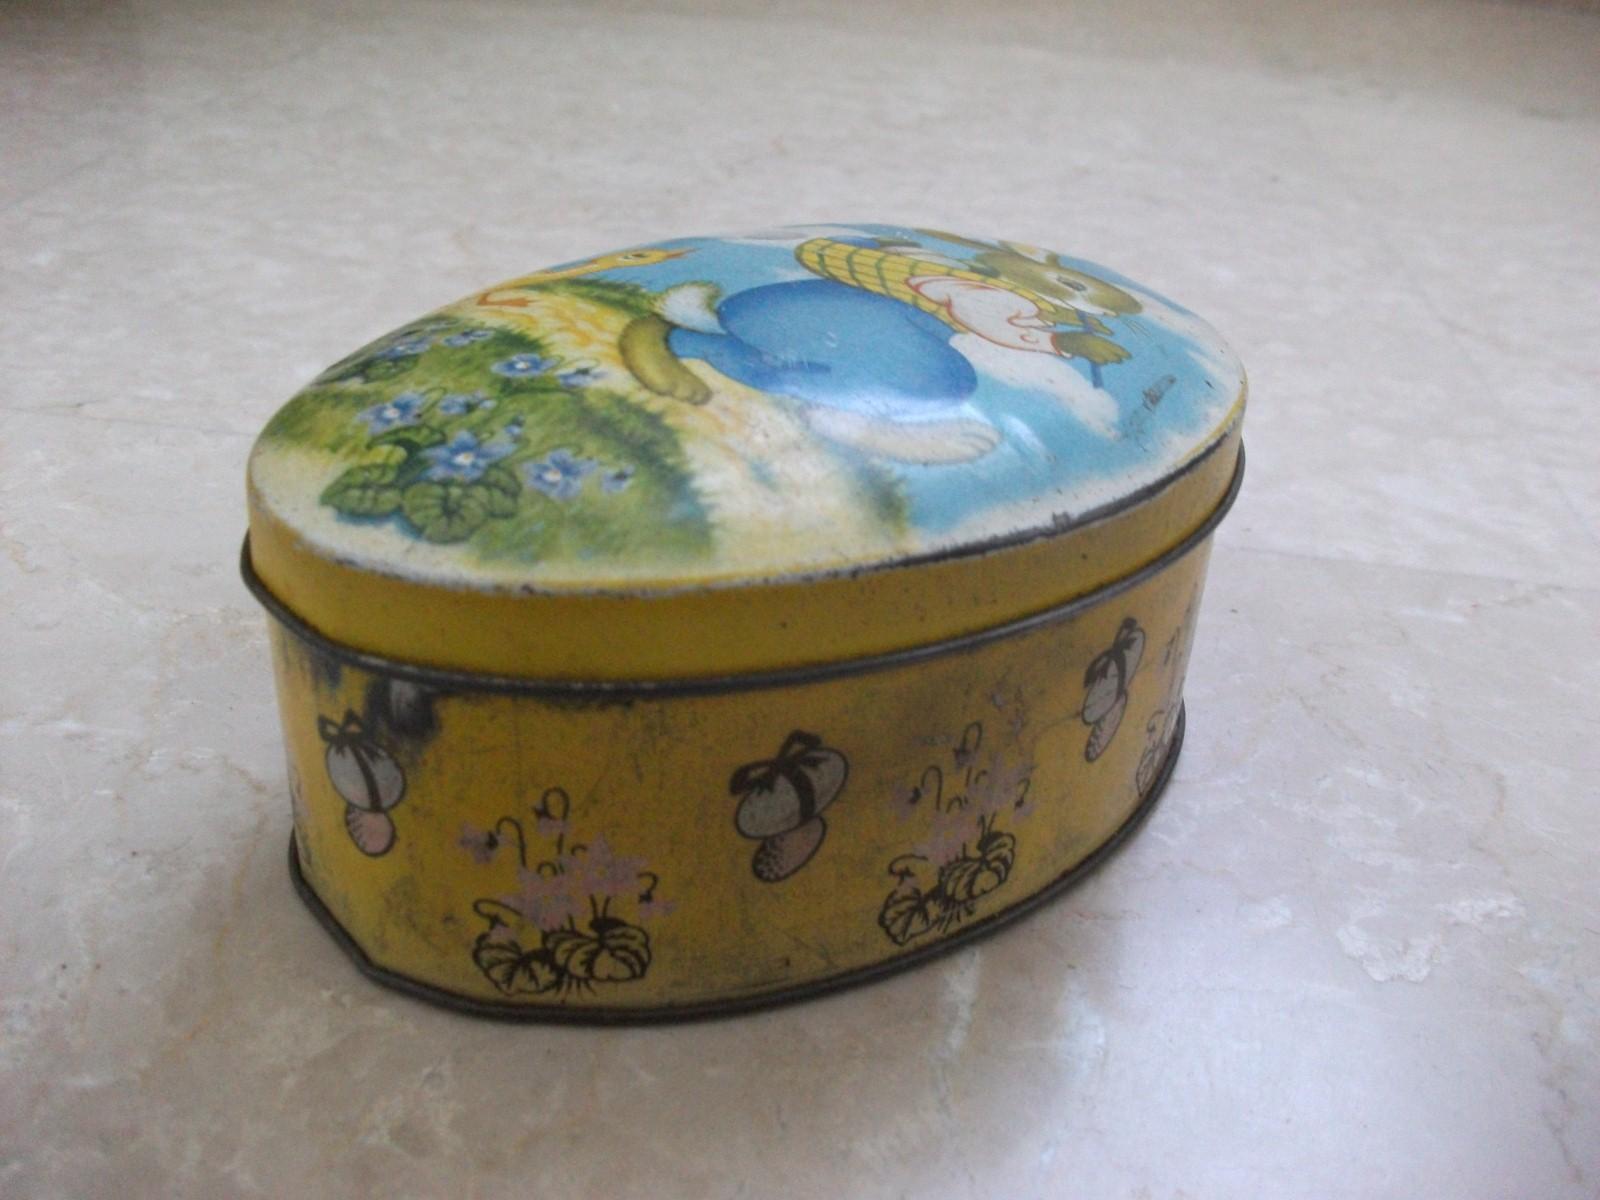 la brocante de blanche scatola cote d 39 or chocolat belge pour paques. Black Bedroom Furniture Sets. Home Design Ideas